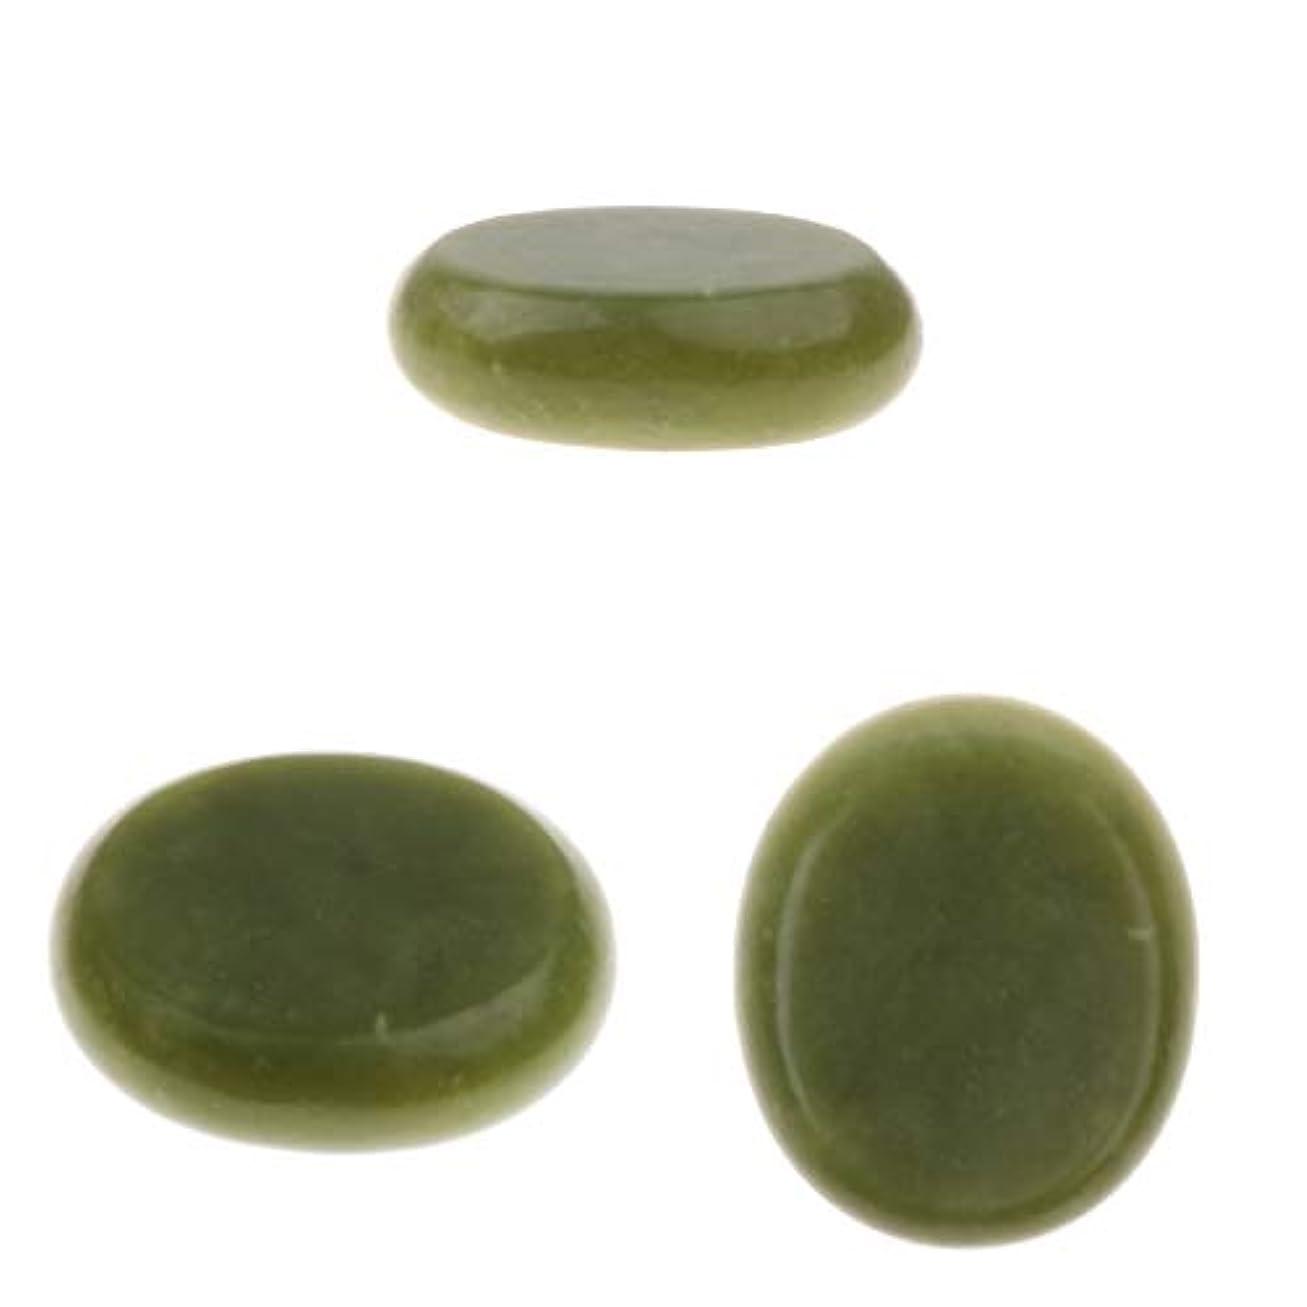 スリラー硬化するジャムsharprepublic 3ピース/個滑らかで自然なヒスイの石、ボディマッサージ、筋肉のリラックスのためのディープティッシュマッサージャー